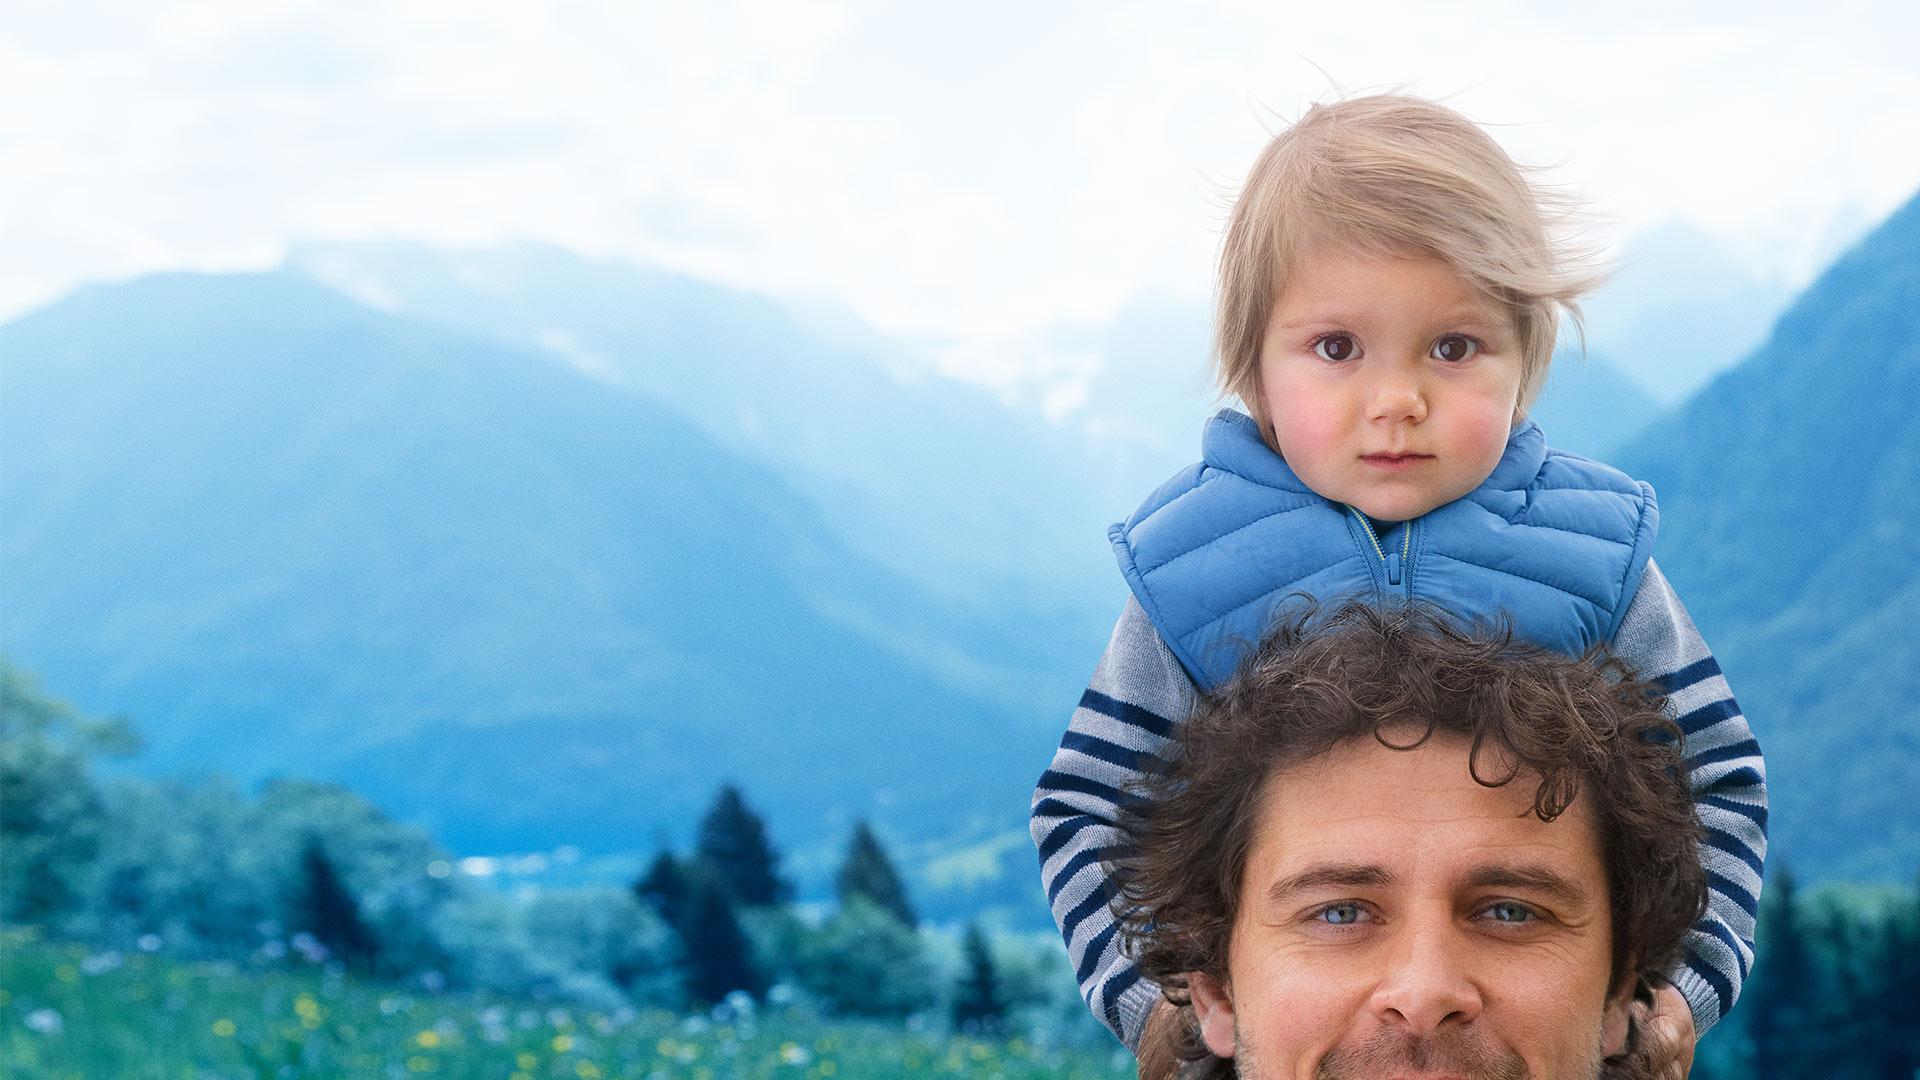 Toddler on dads shoulders